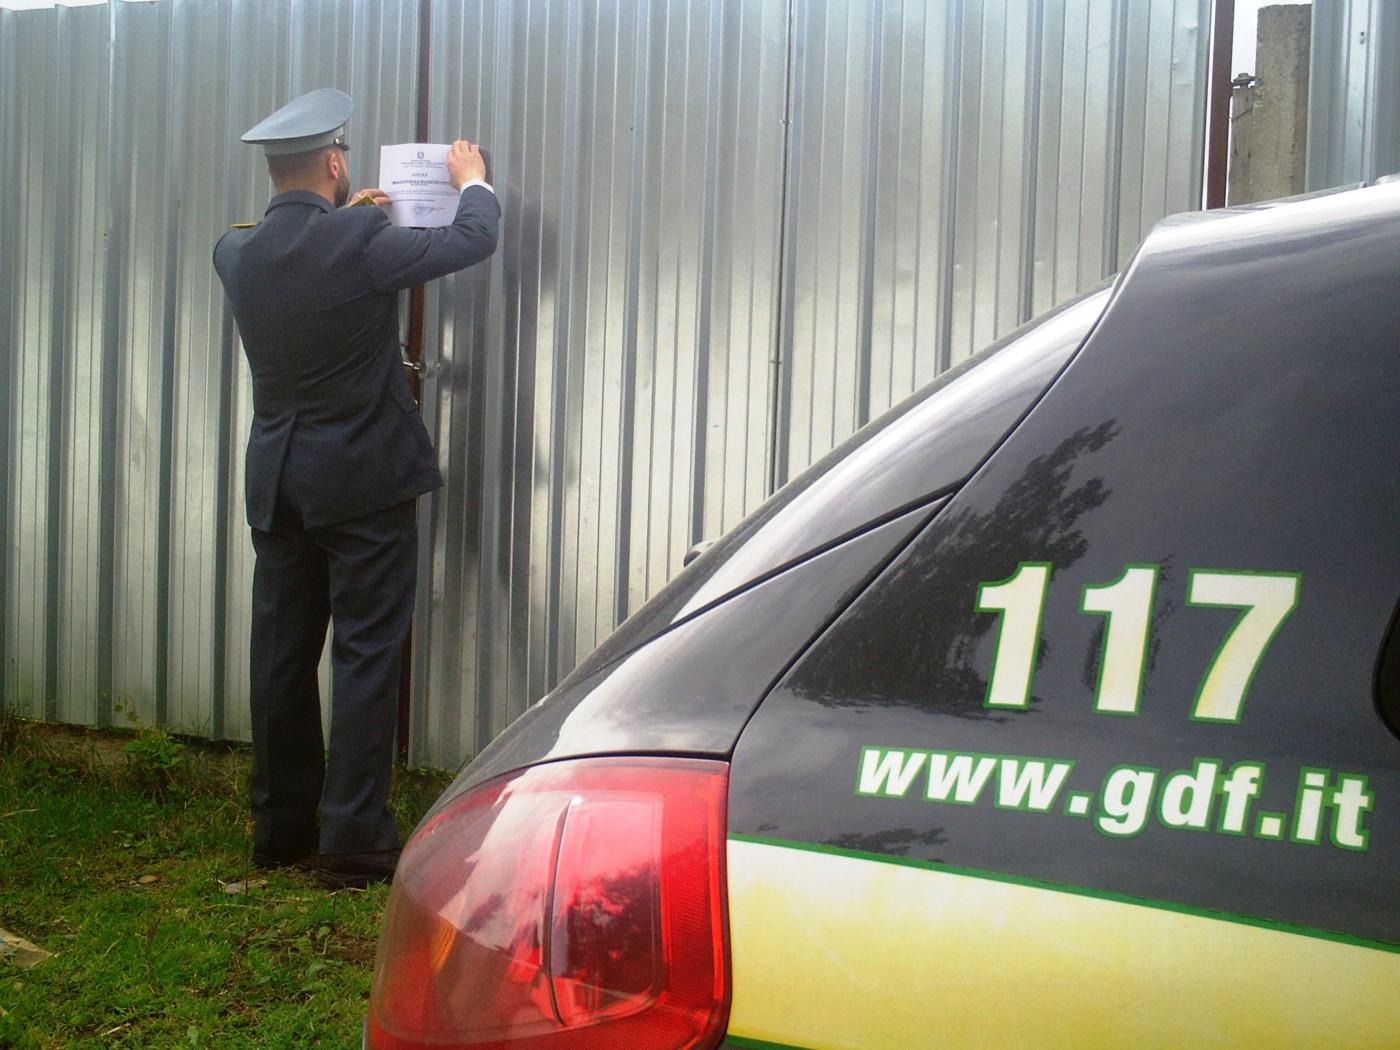 Foto del sequestro ad azienda di noleggio veicoli - Guardia di Finanza Barcellona Pozzo di Gotto